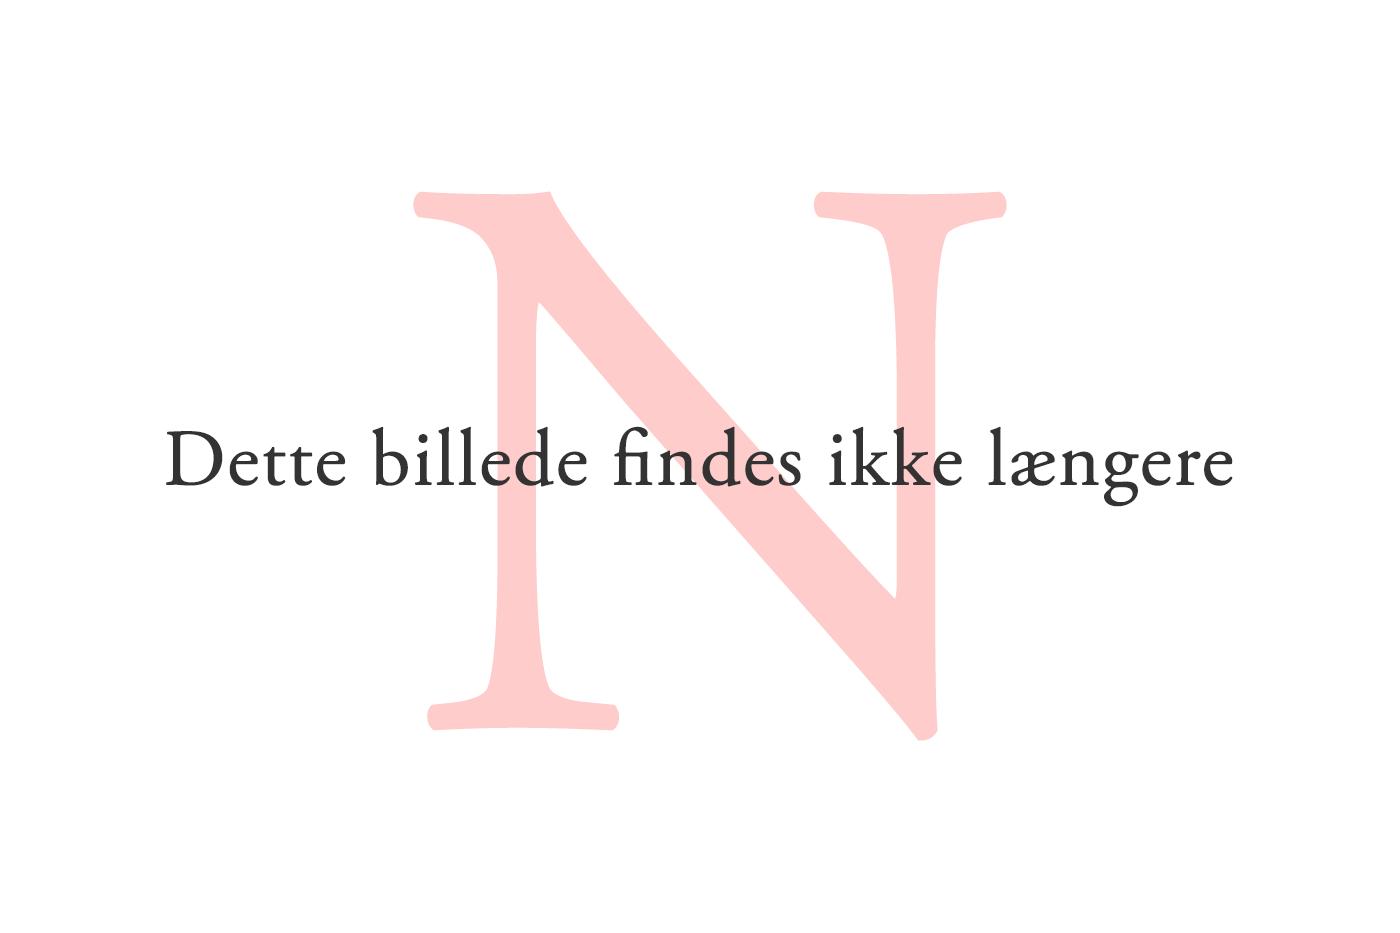 Ca. 35.000 danskere er sygemeldt hver dag, mens 1.400 danskere lider stressrelaterede dødsfald. Foto: Pixabay